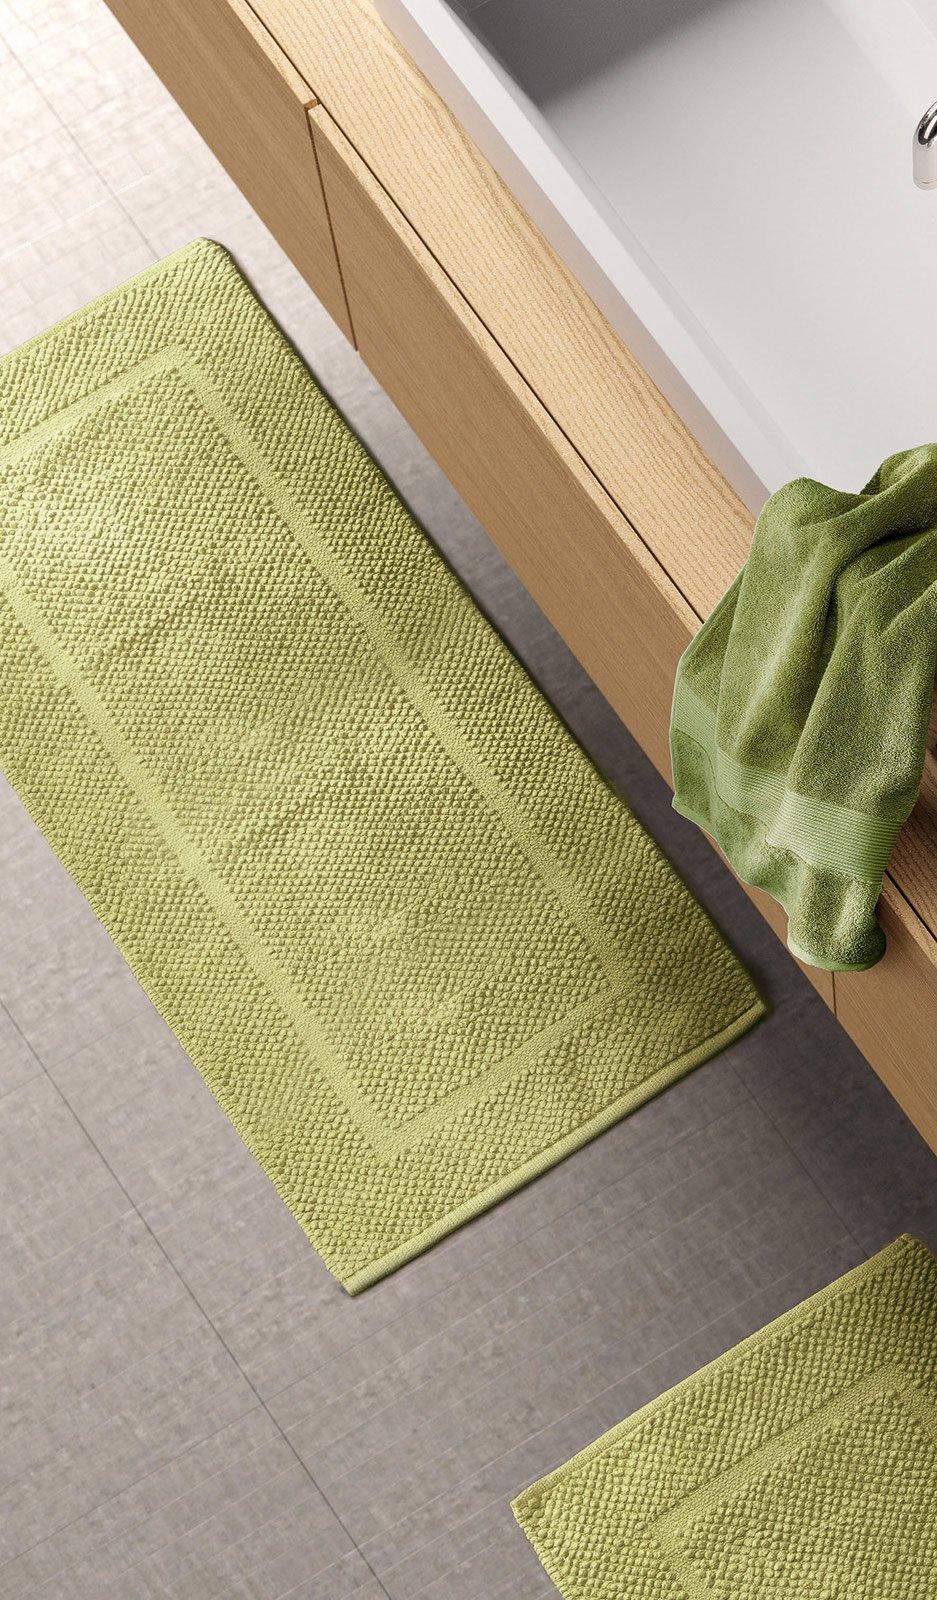 Tappeti per il bagno cose di casa - Ikea tappeti grandi ...